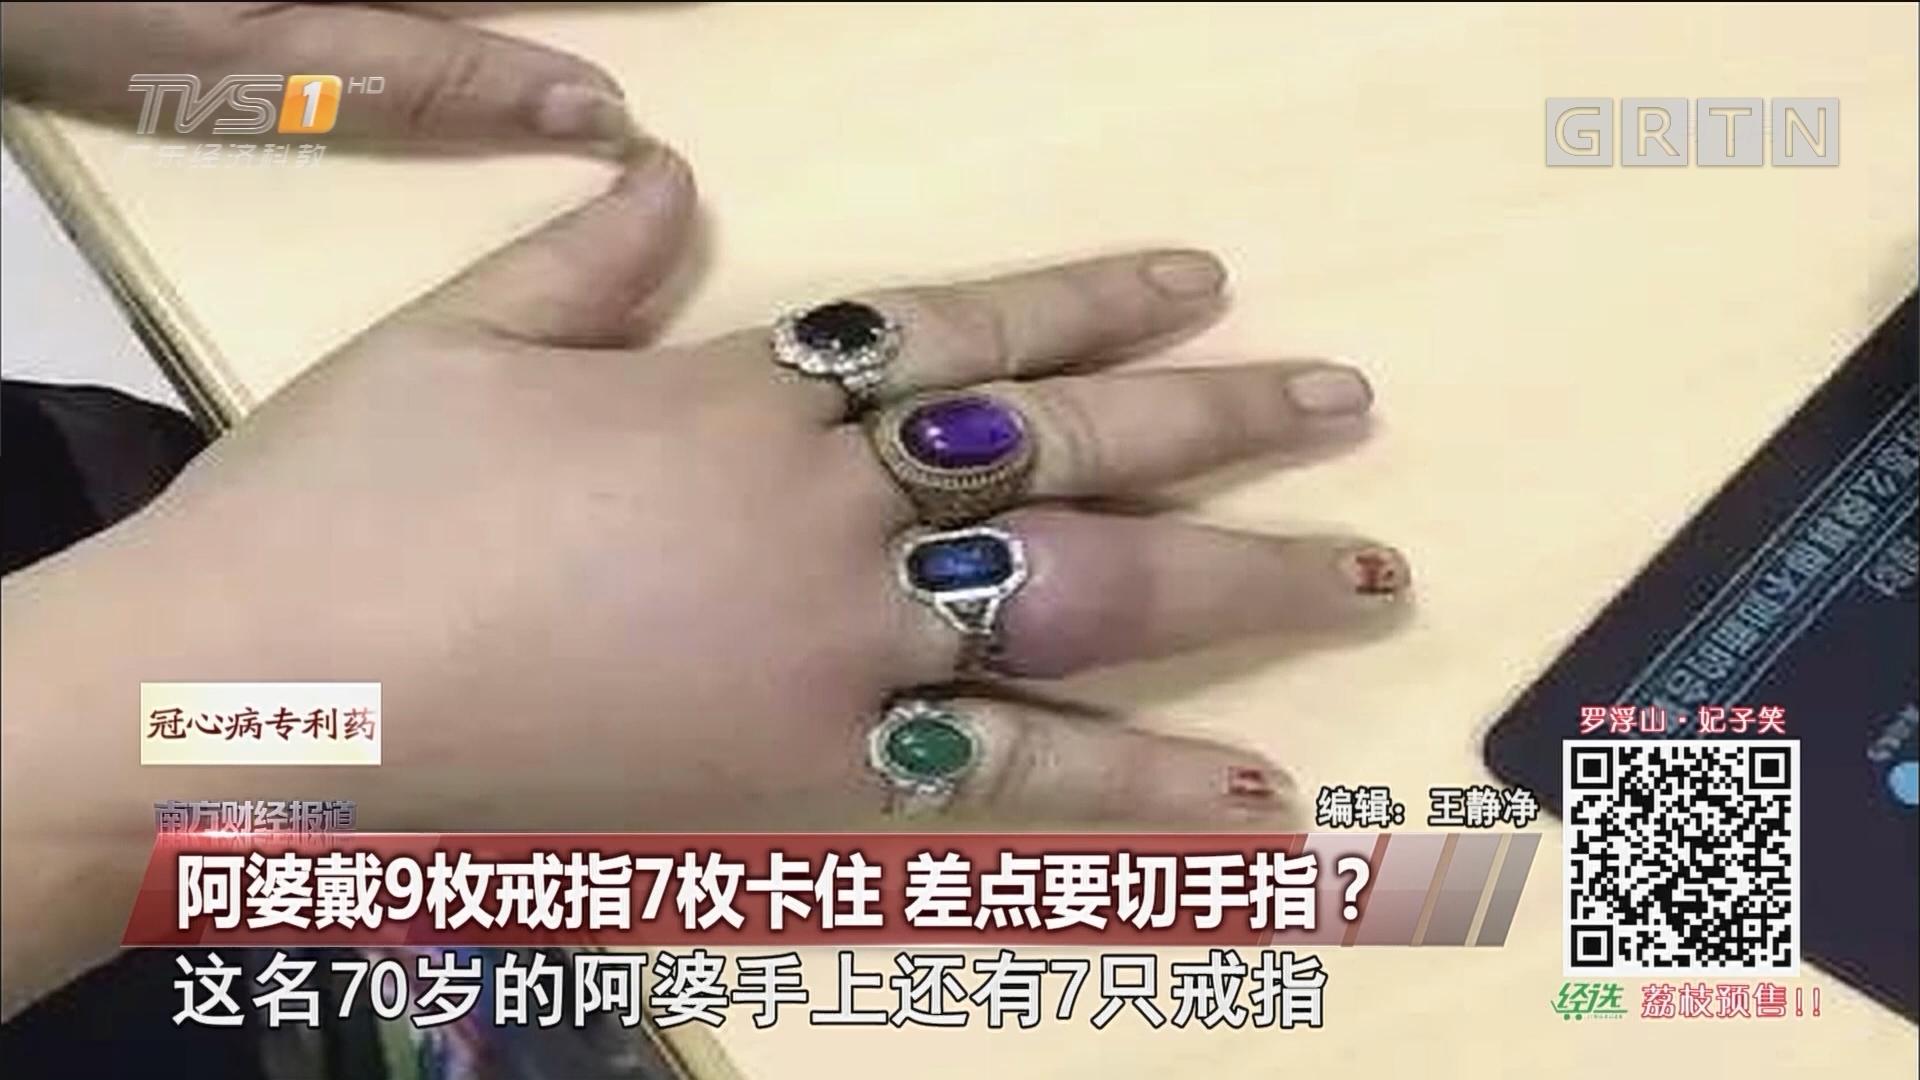 阿婆戴9枚戒指7枚卡住 差点要切手指?